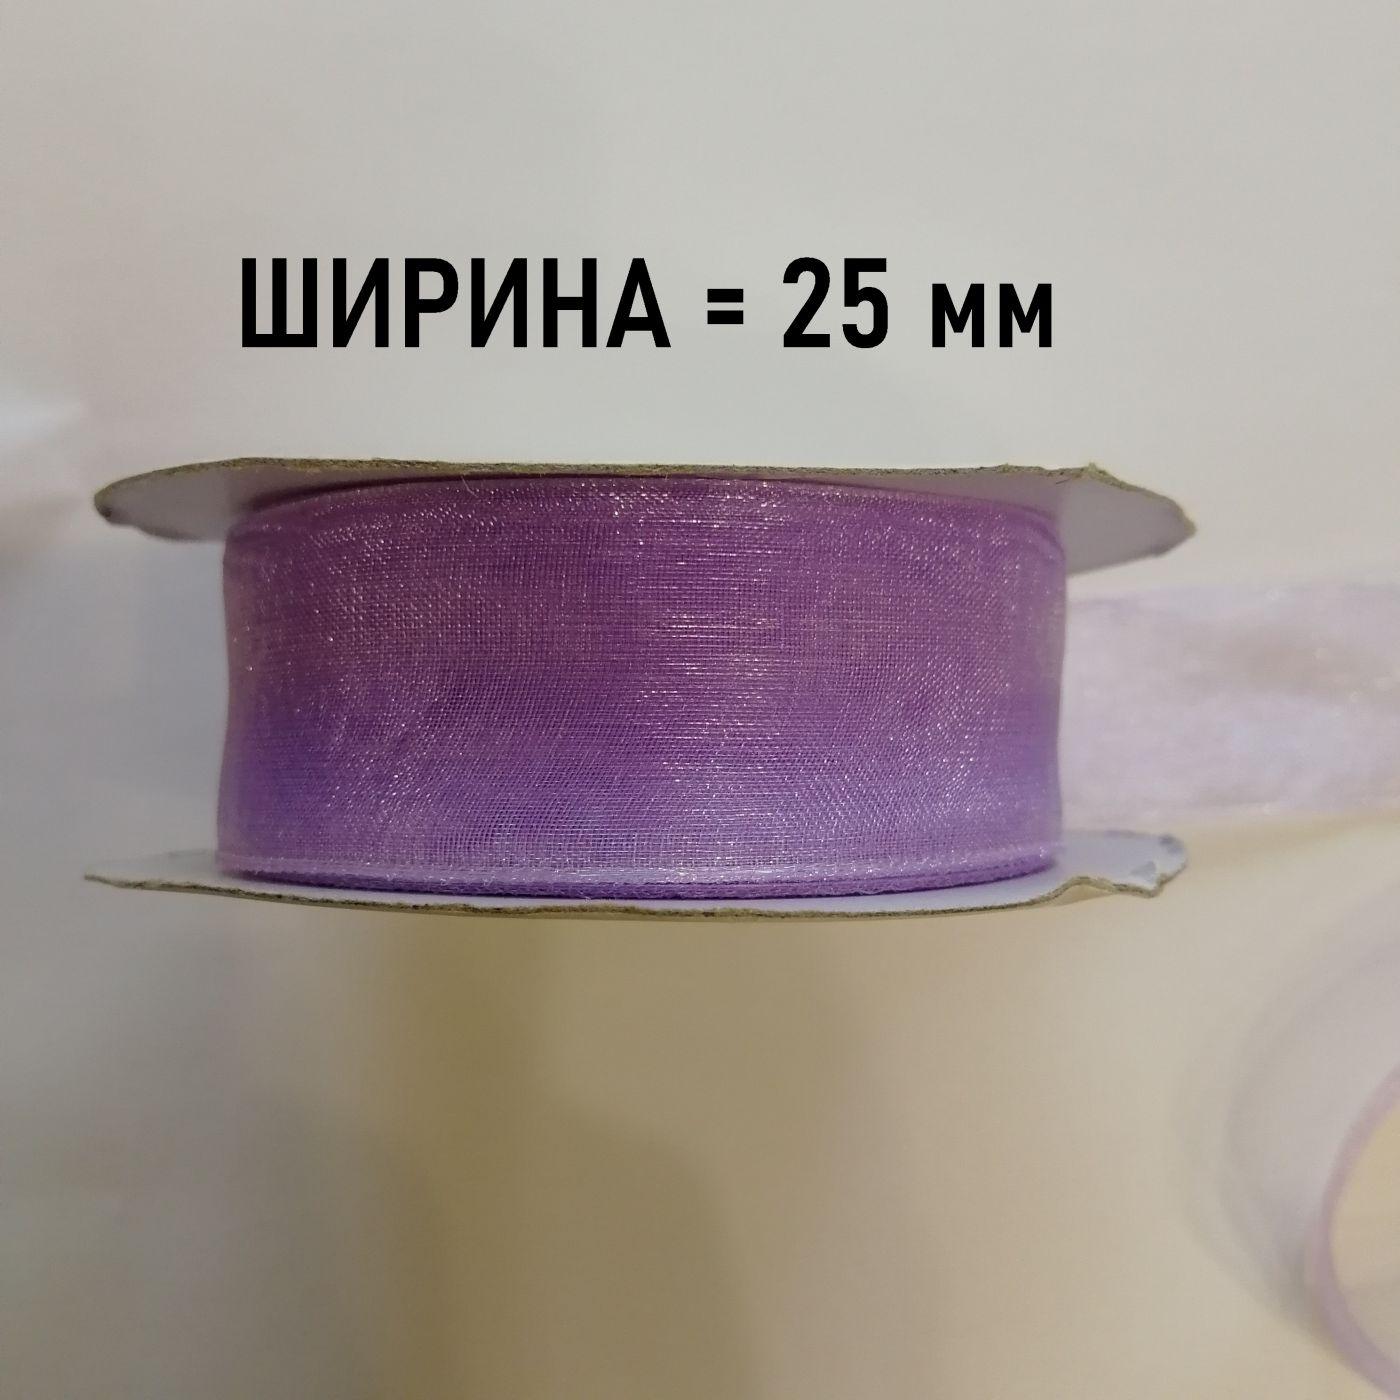 Лента органза светло-сиреневая ширина - 25 мм